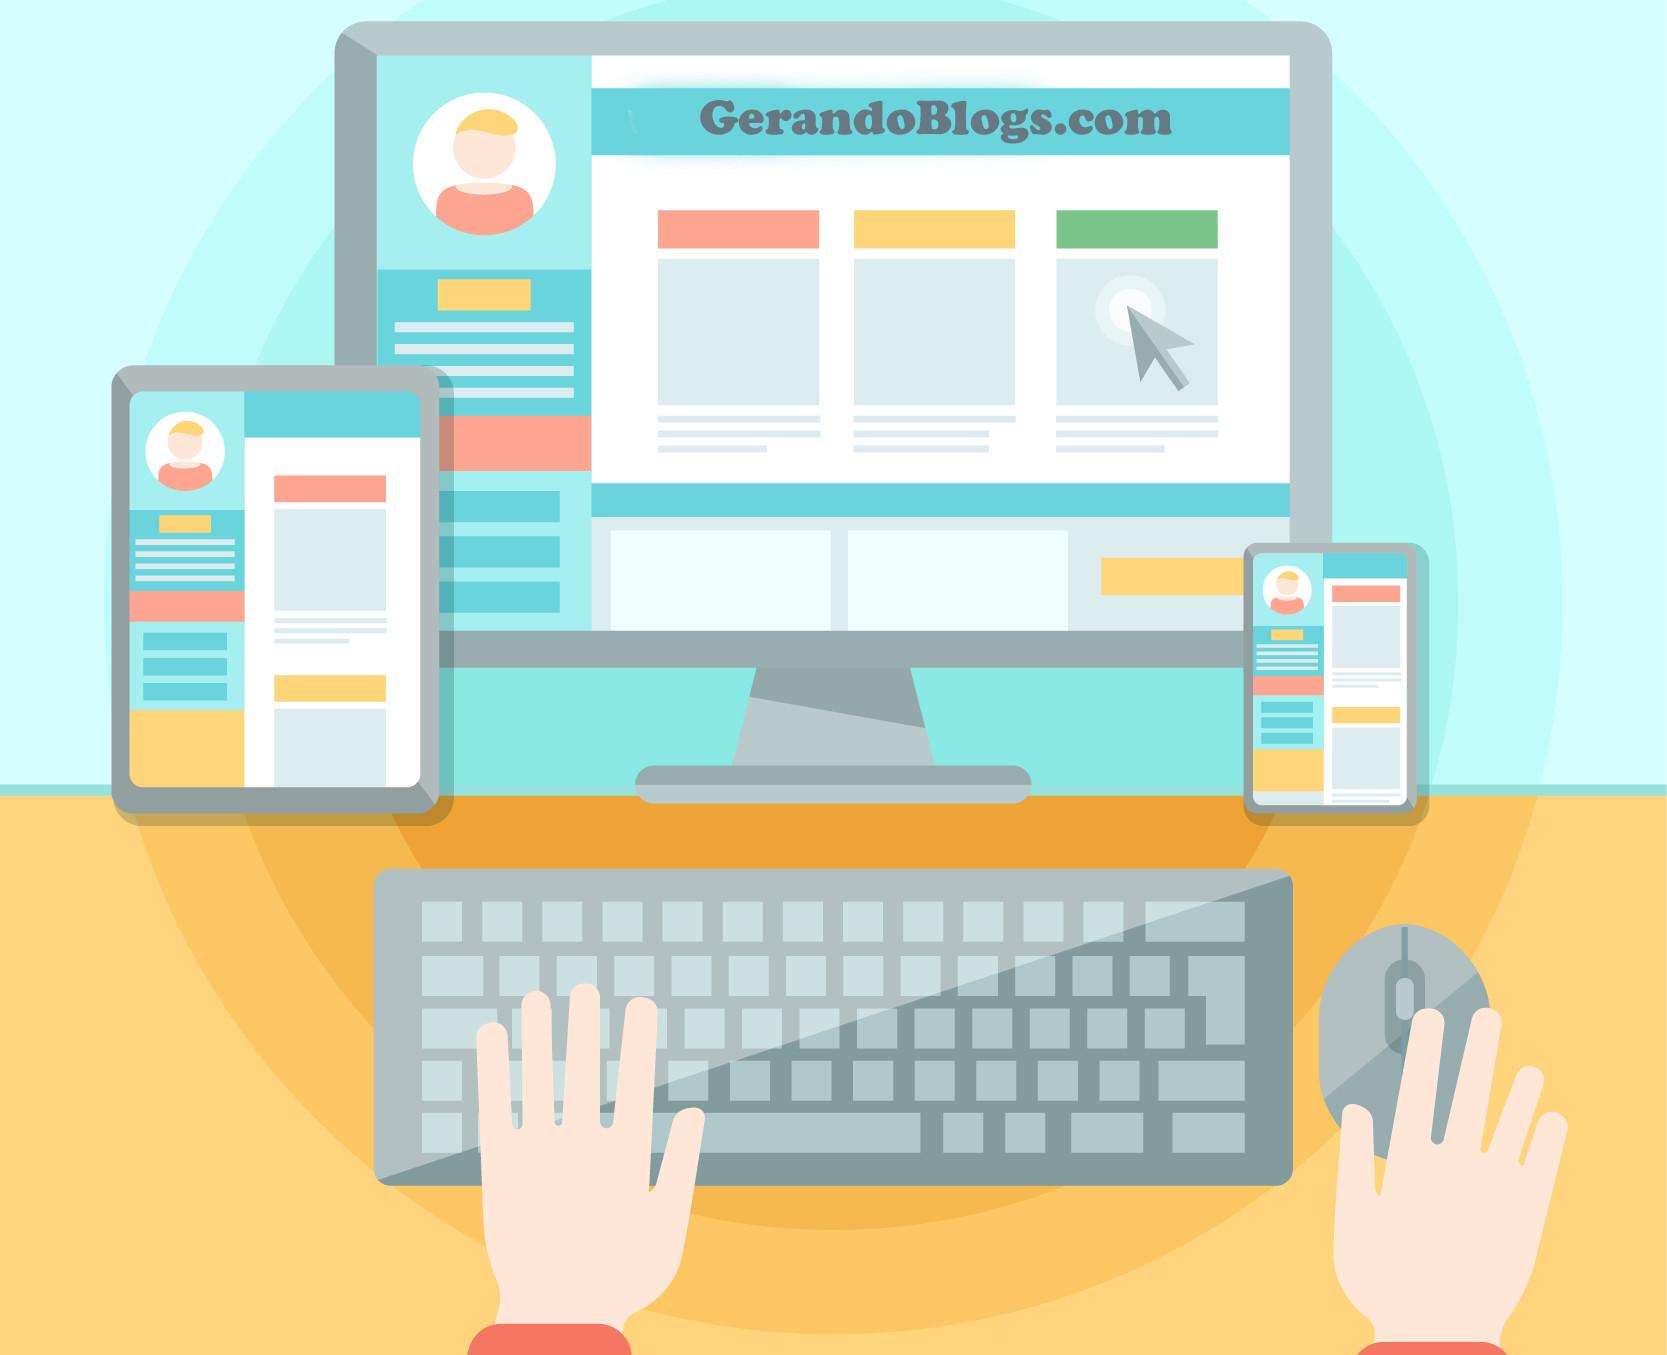 conclusao de como criar um blog com conteúdo que vende